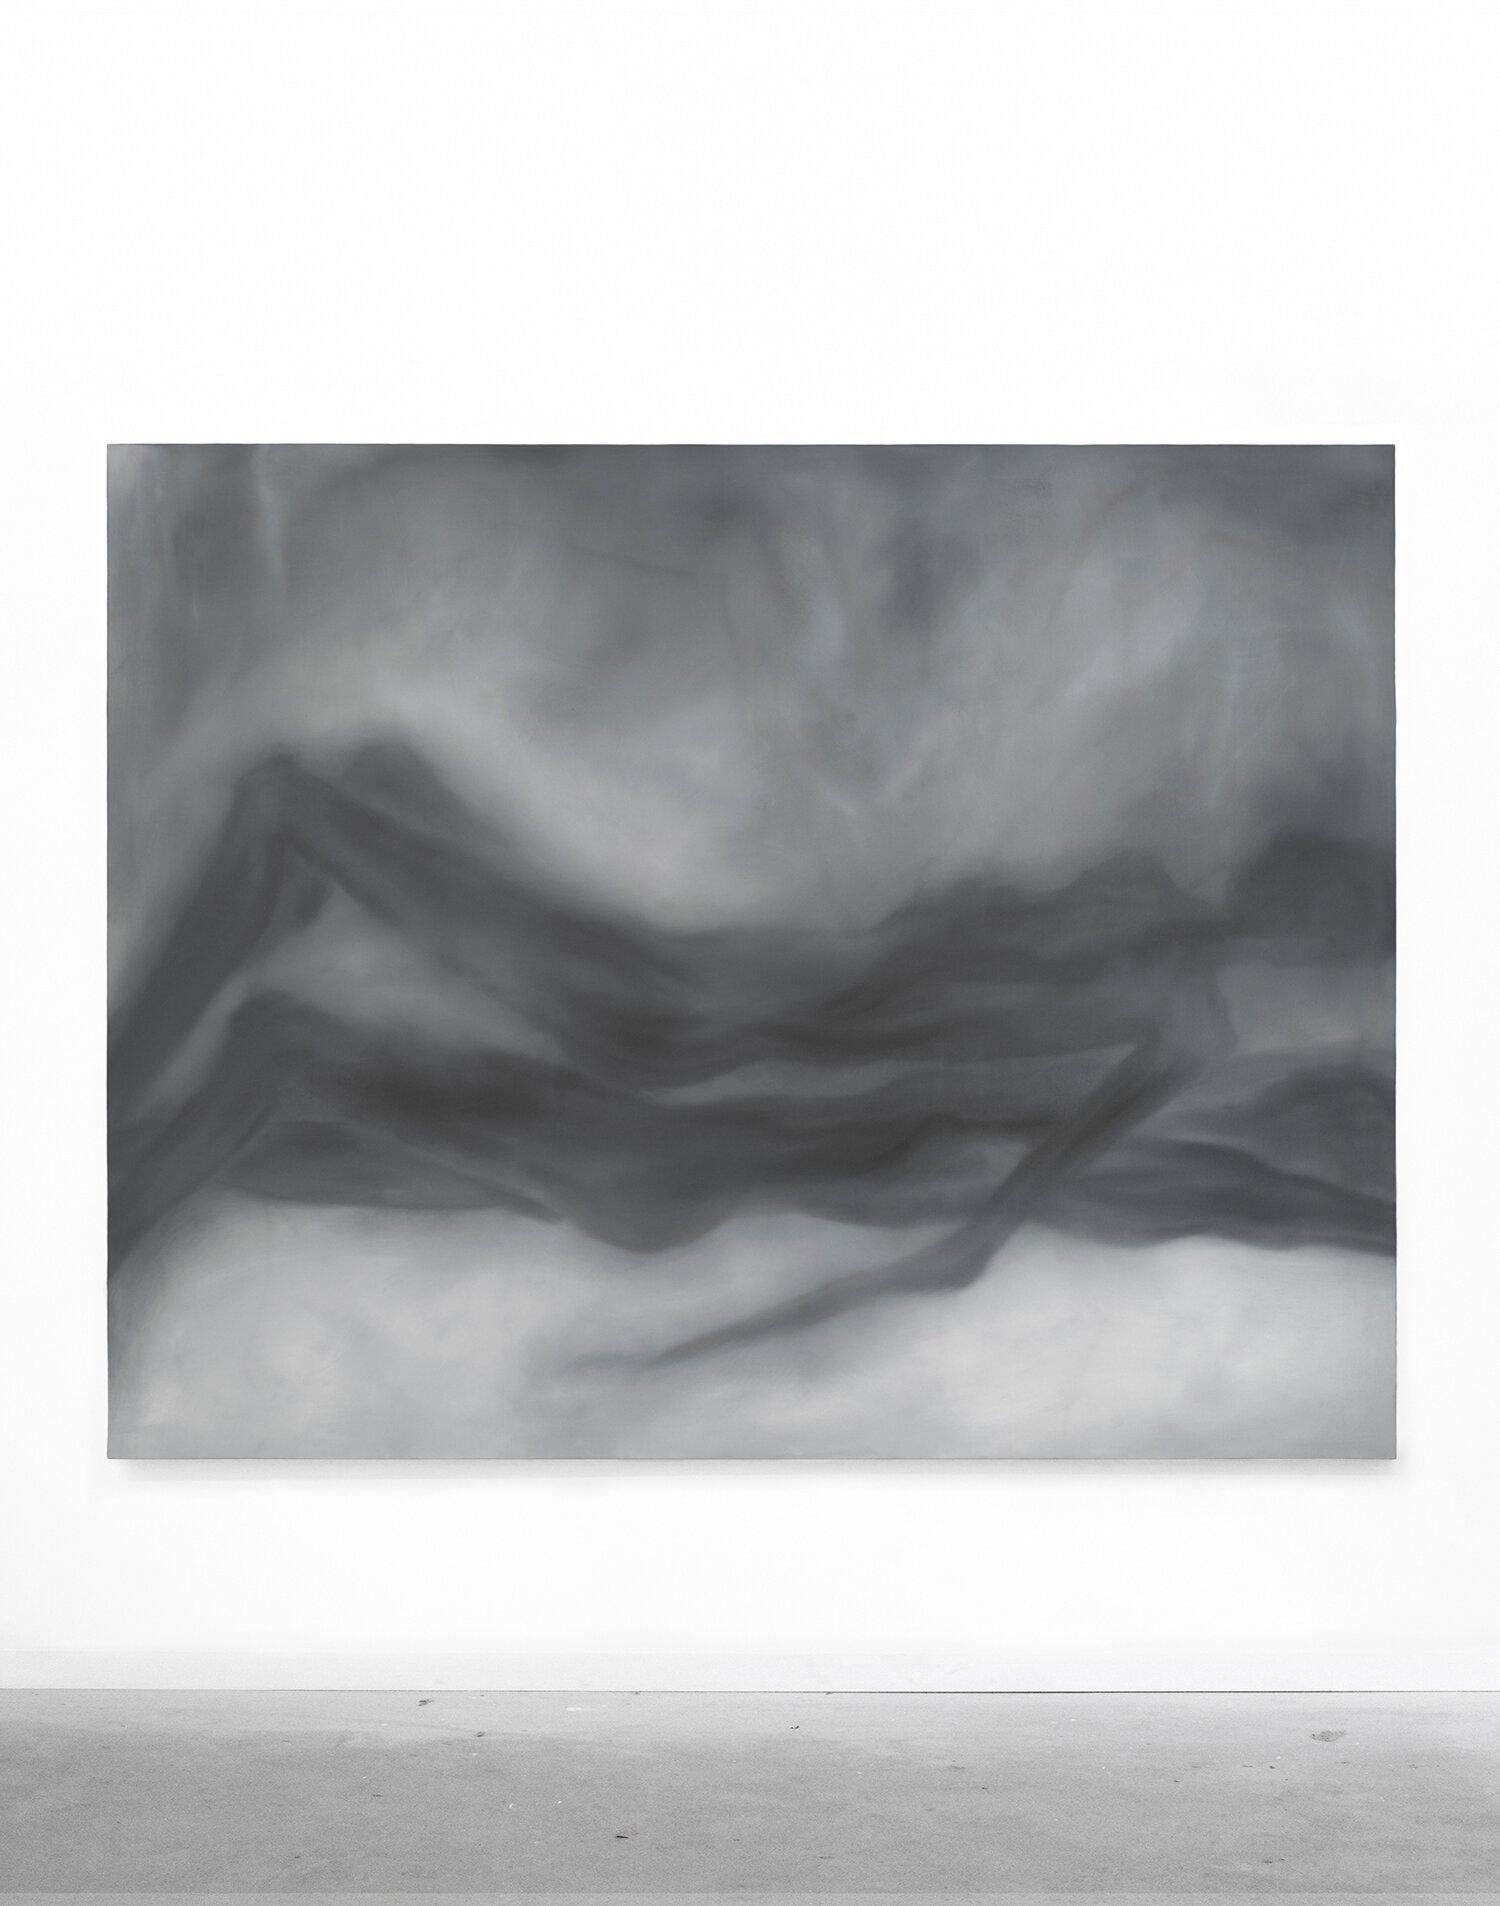 Sonya Derviz, Untitled (Dancers), 2019